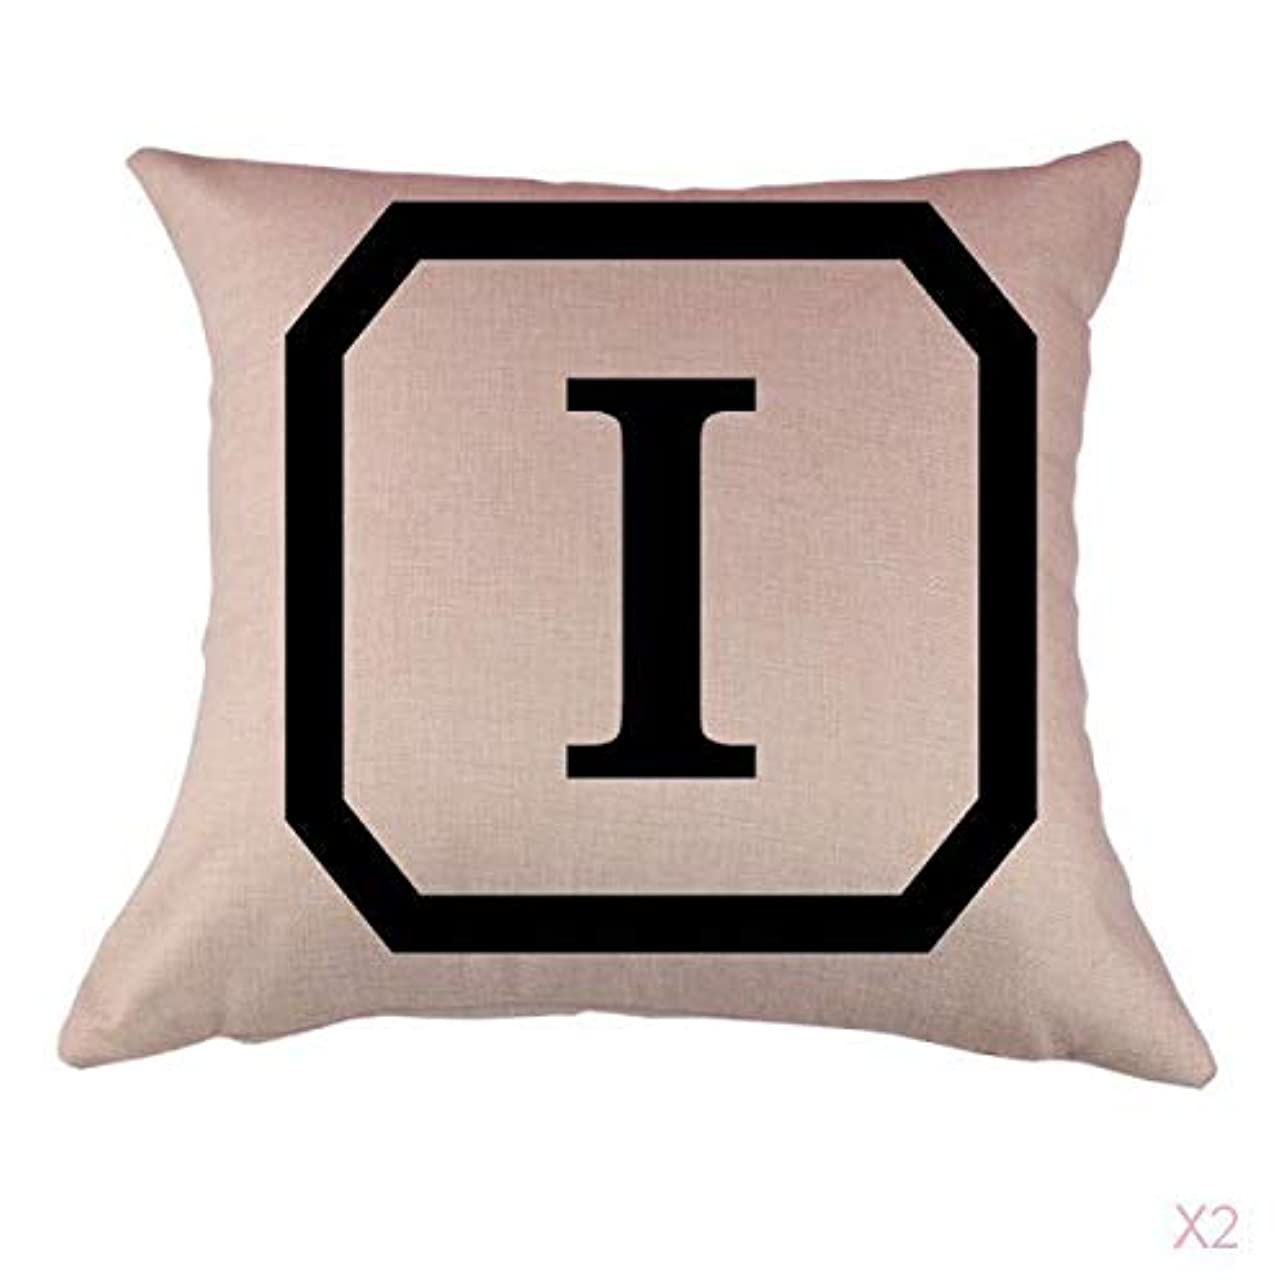 推定好きである寂しいコットンリネンスロー枕カバークッションカバー家の装飾頭文字のI